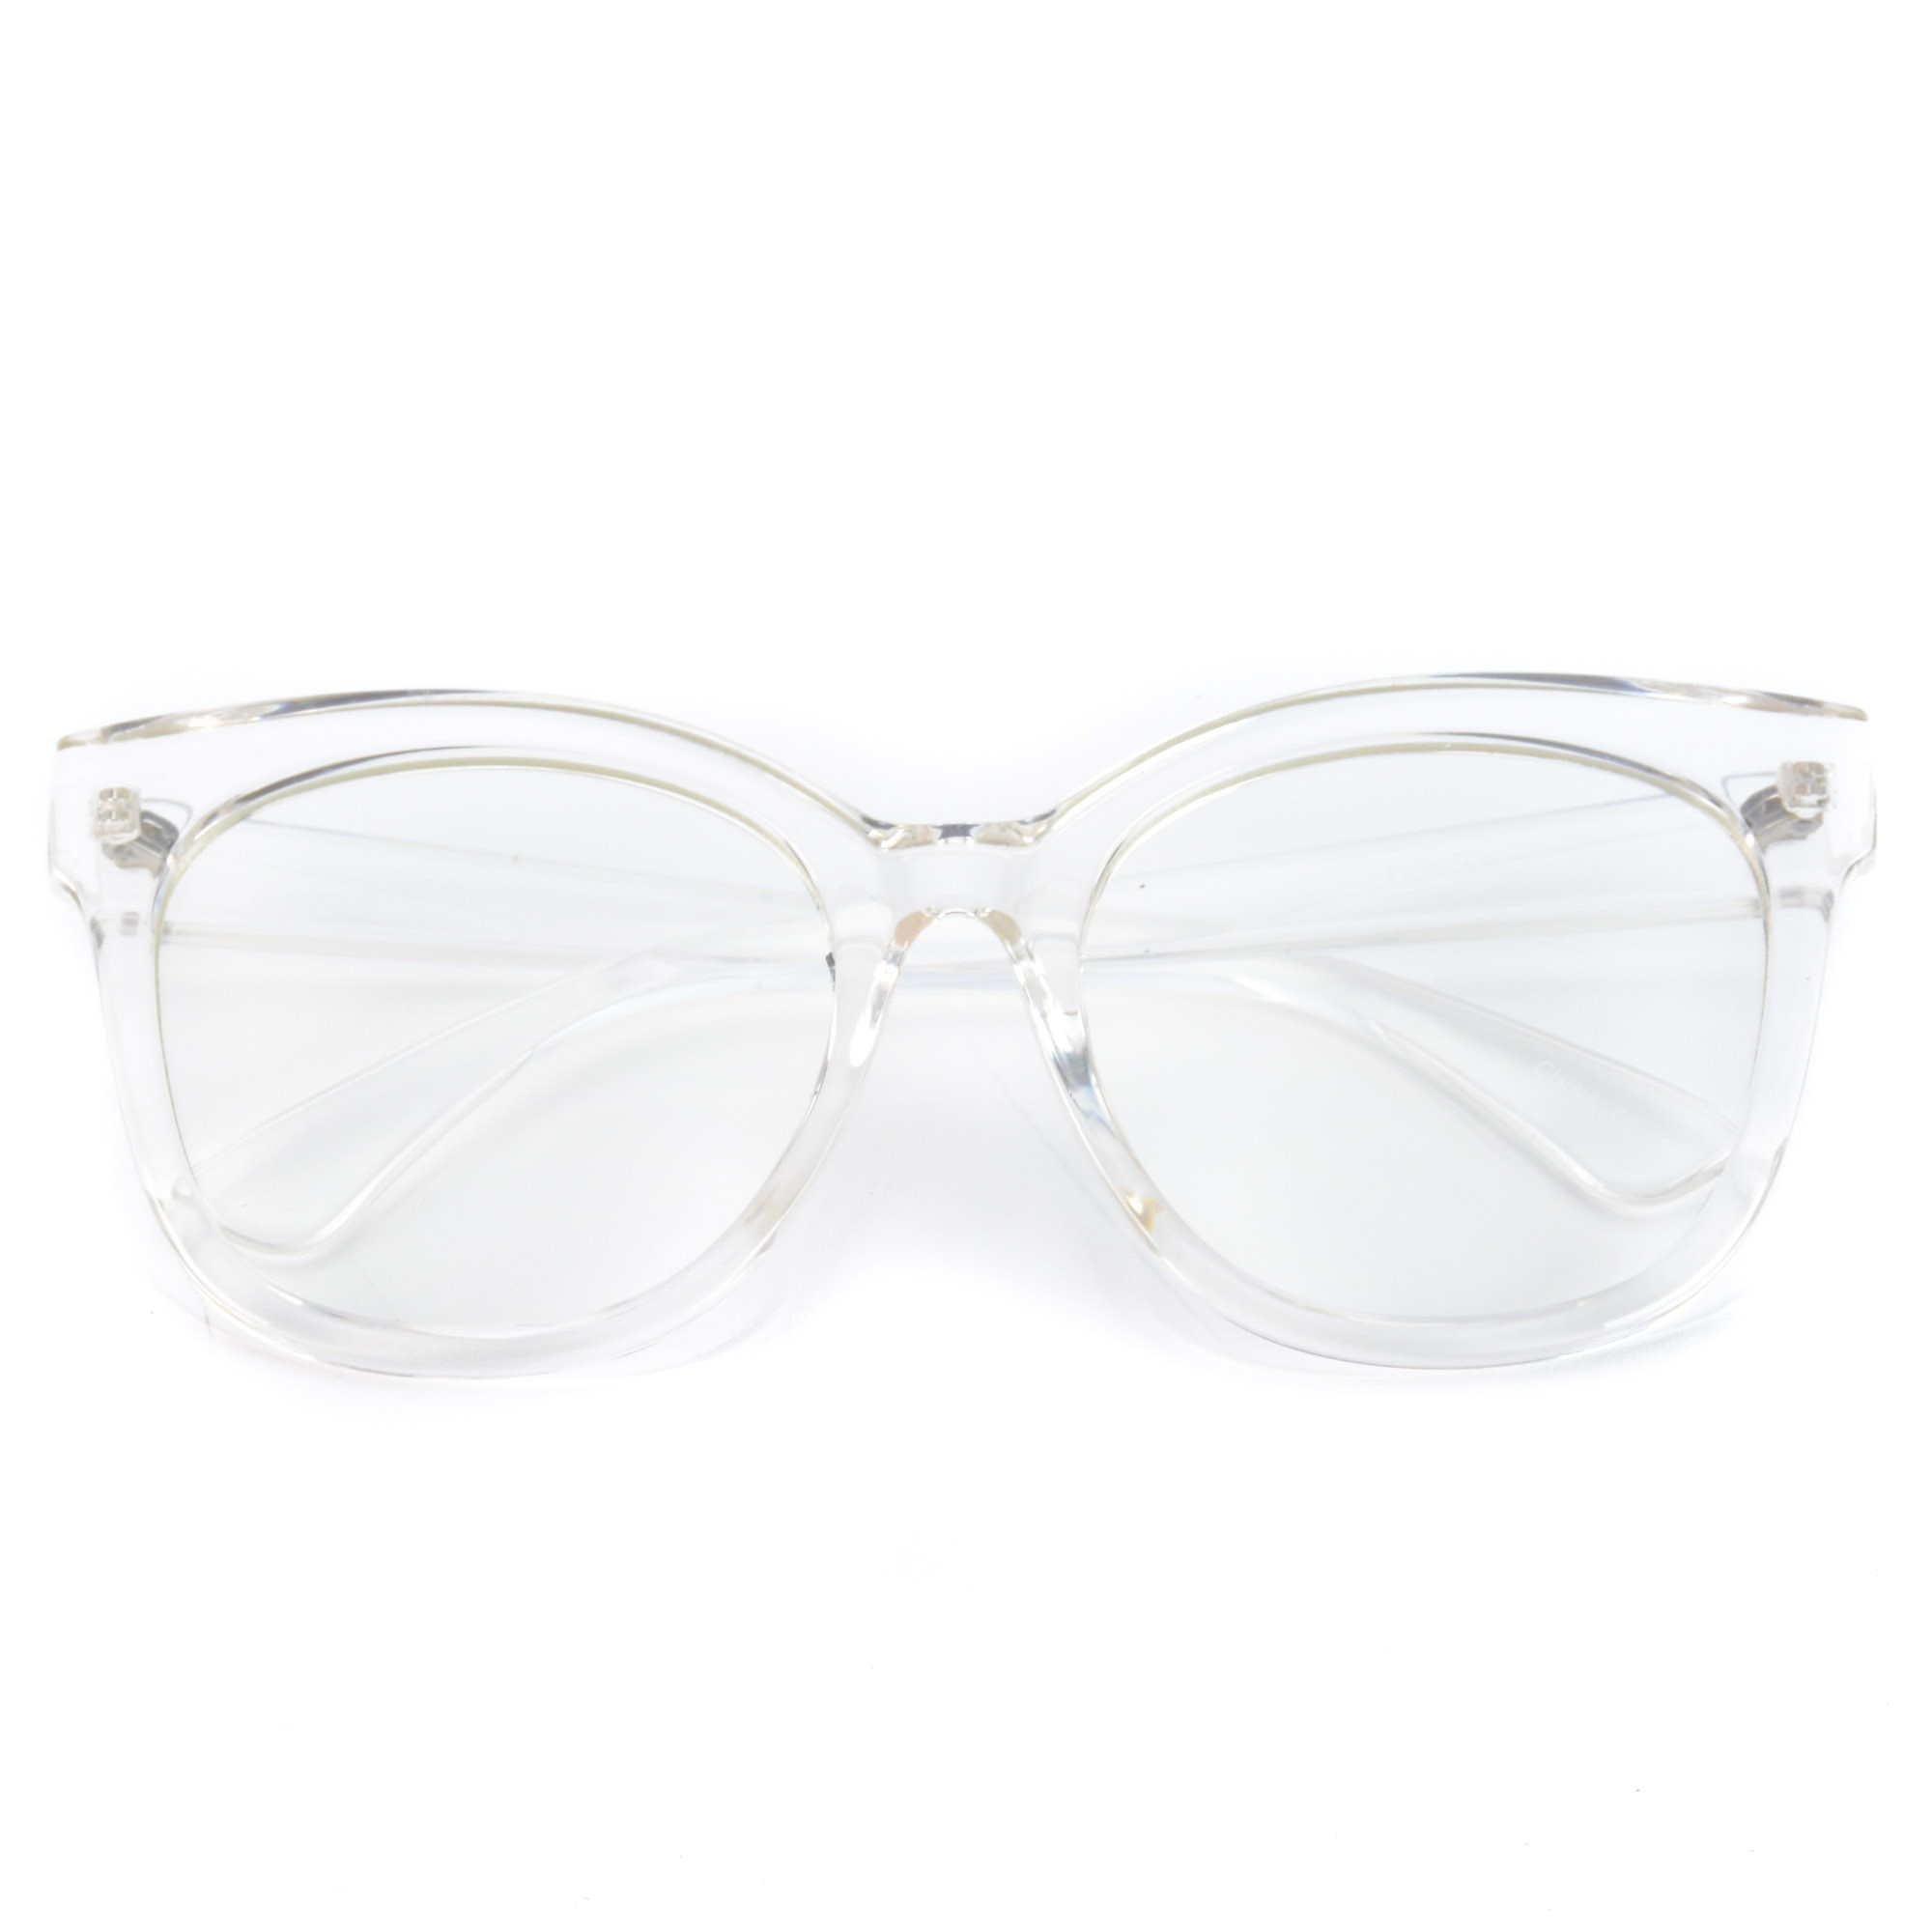 Clear Prescription Glasses - Best Glasses Cnapracticetesting.Com 2018